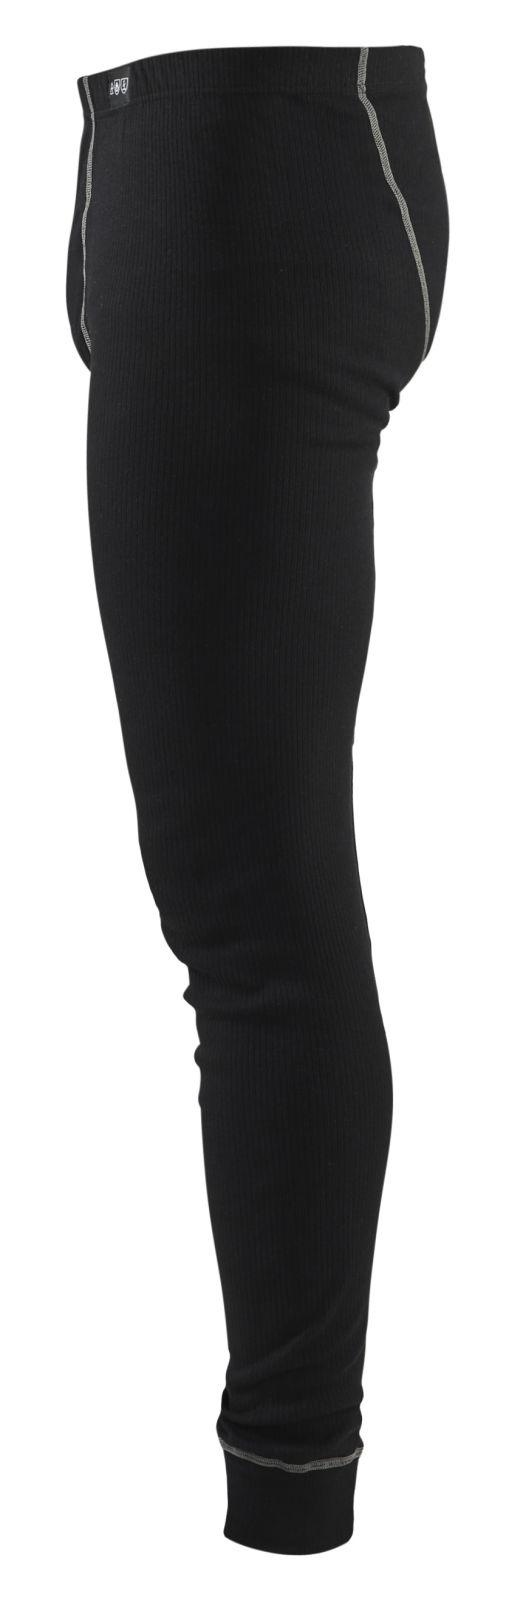 Blaklader Onderbroeken 18981725 Vlamvertragend zwart(9900)